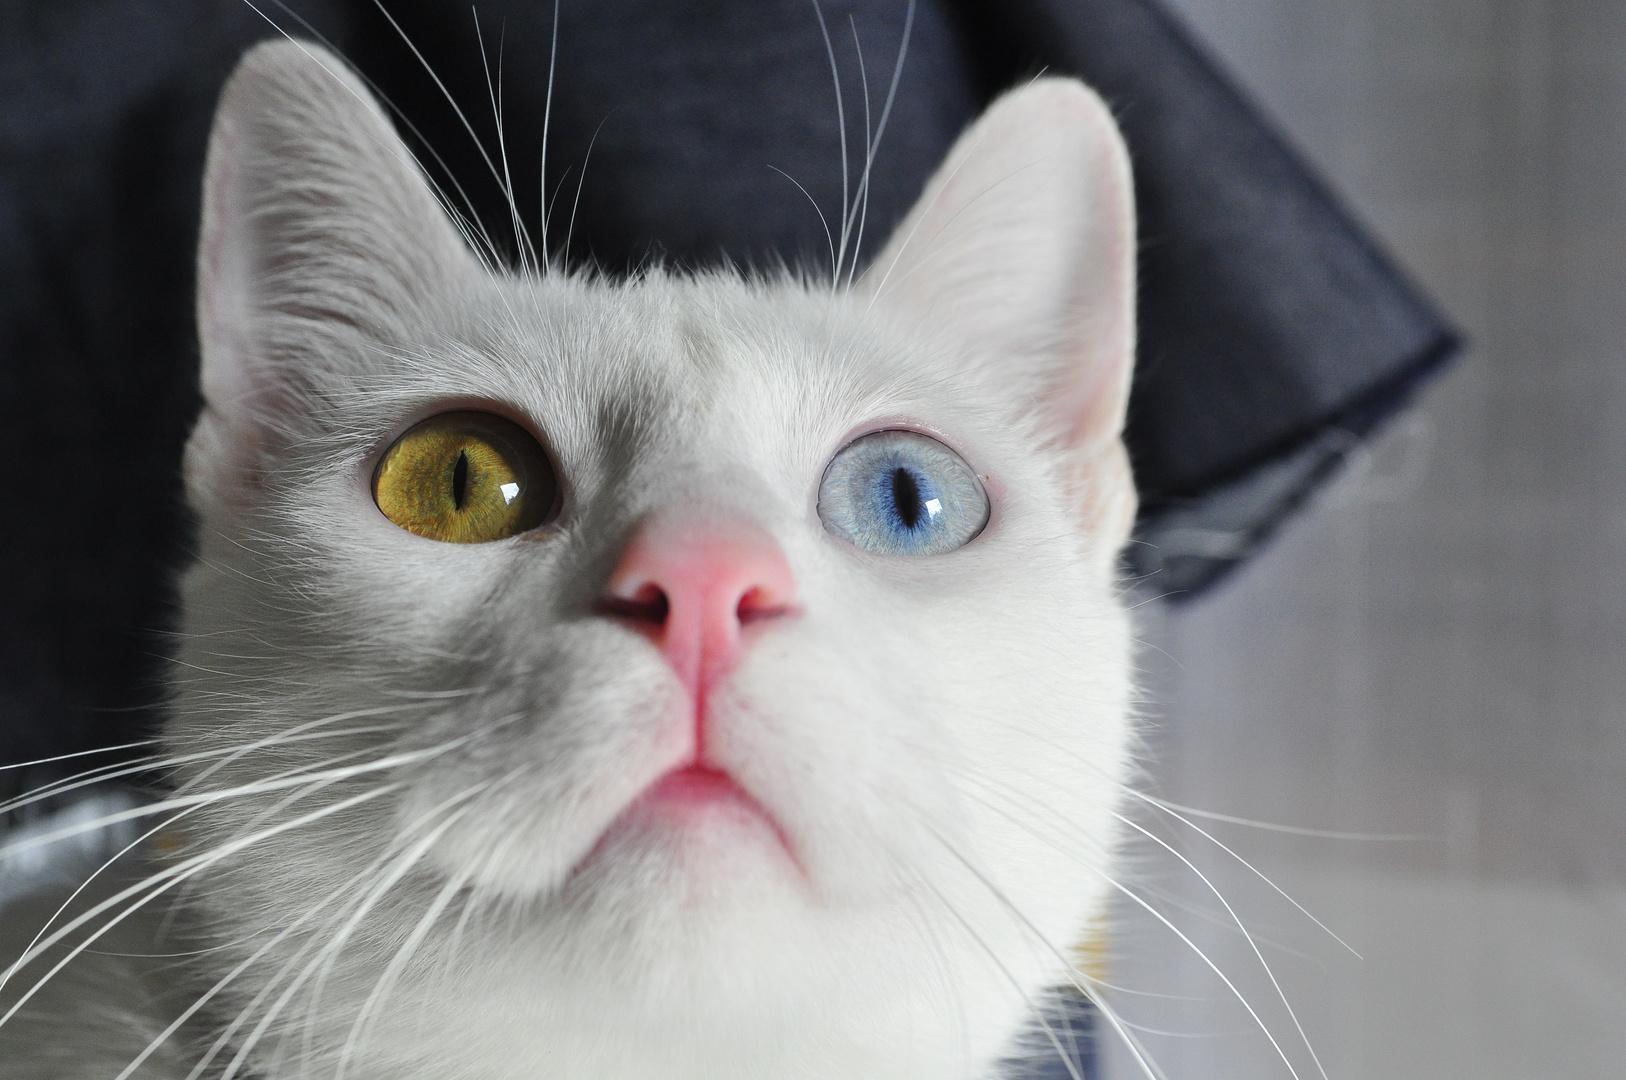 Nikkor 35-70mm D f/2.8 - Van kedi / Cat